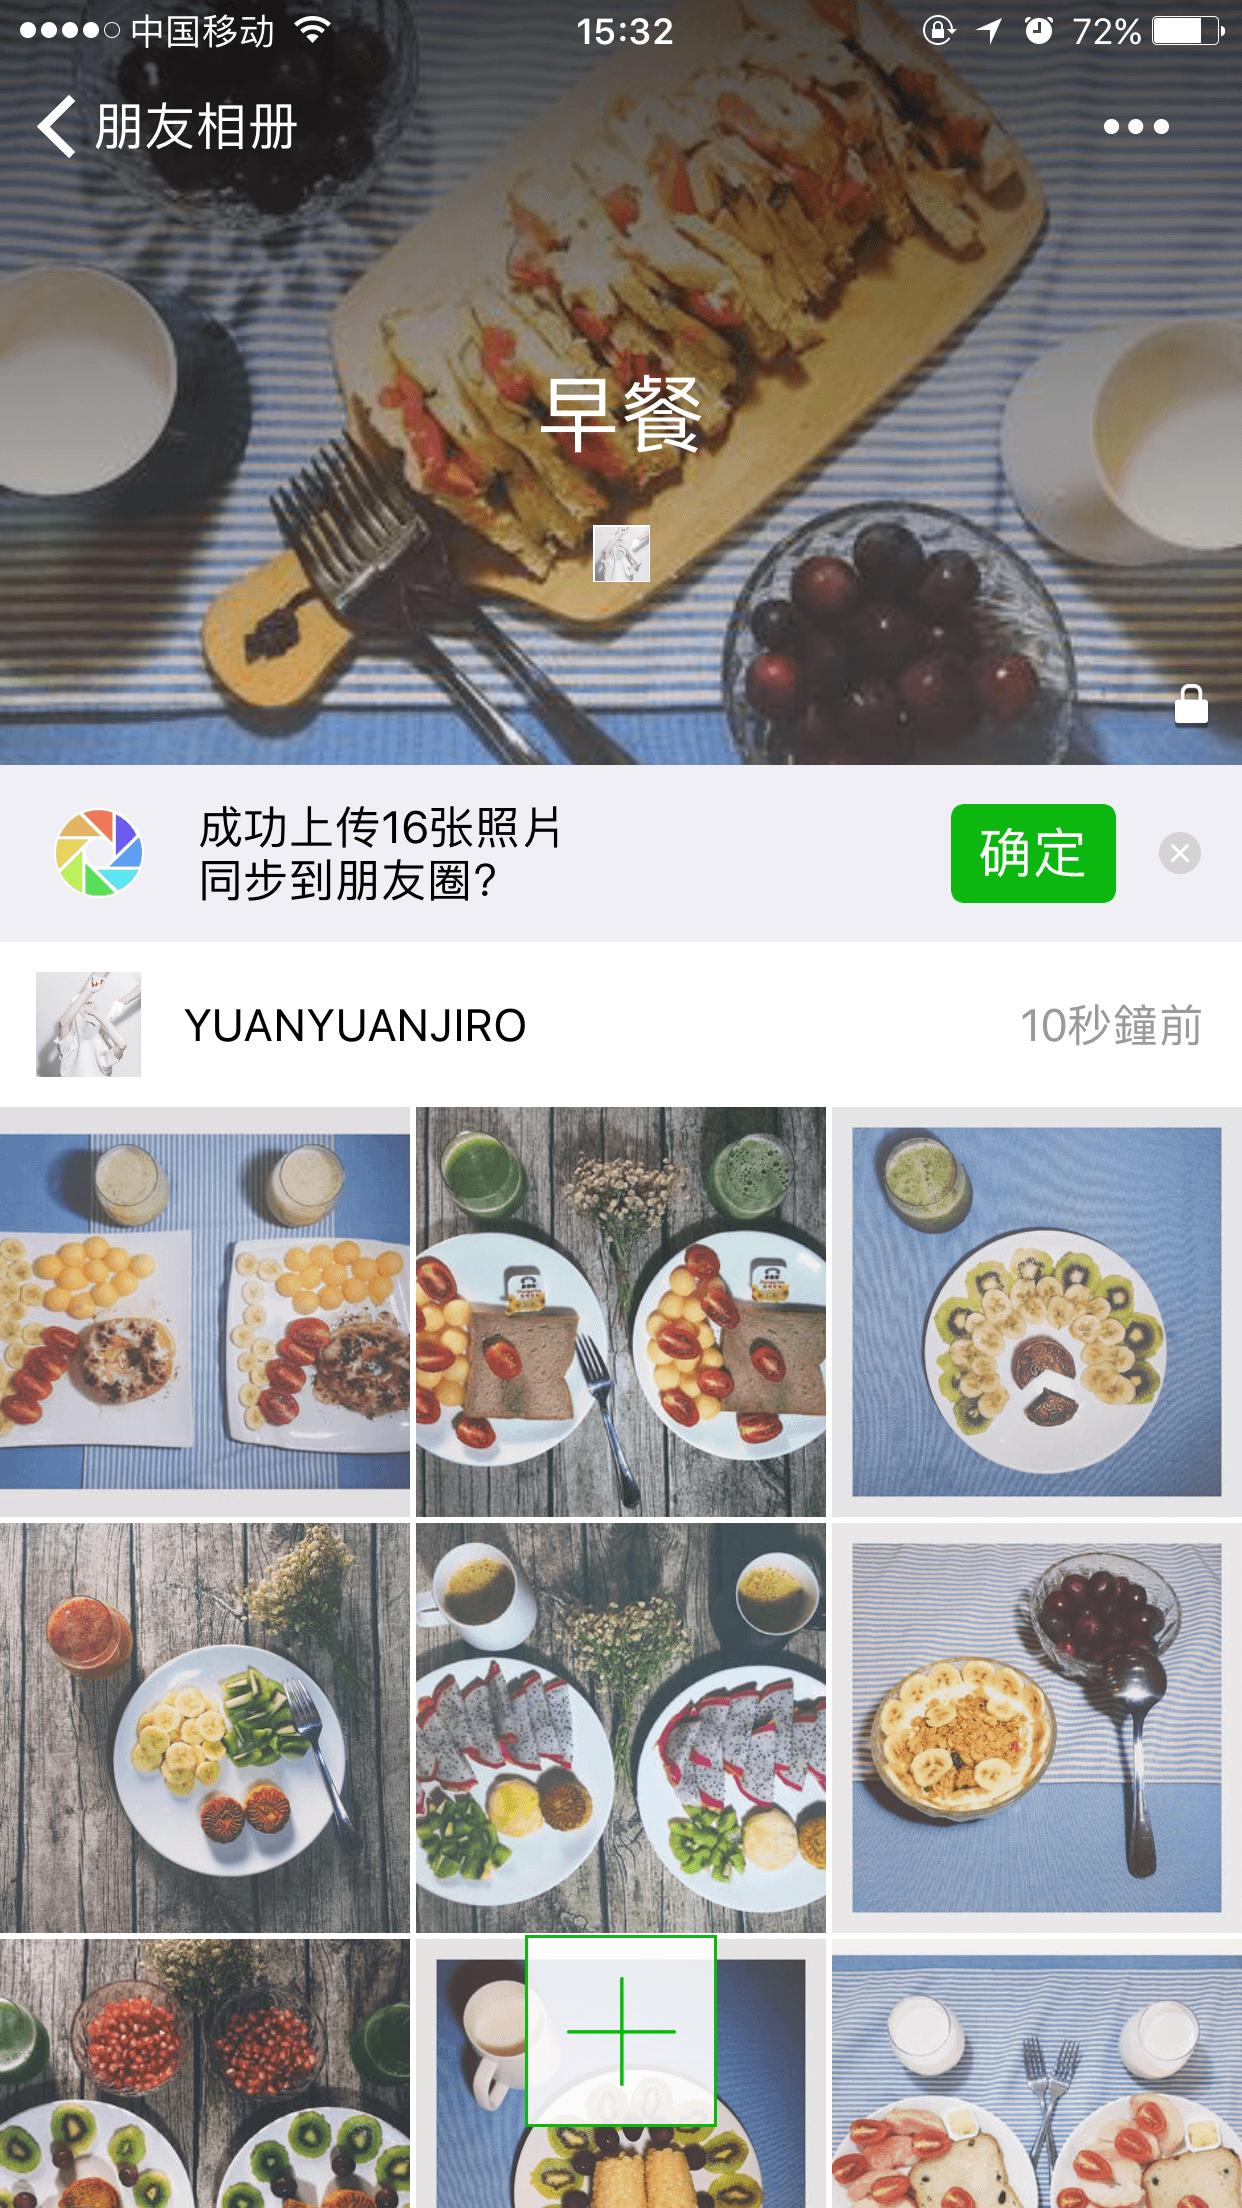 朋友相册 App小程序